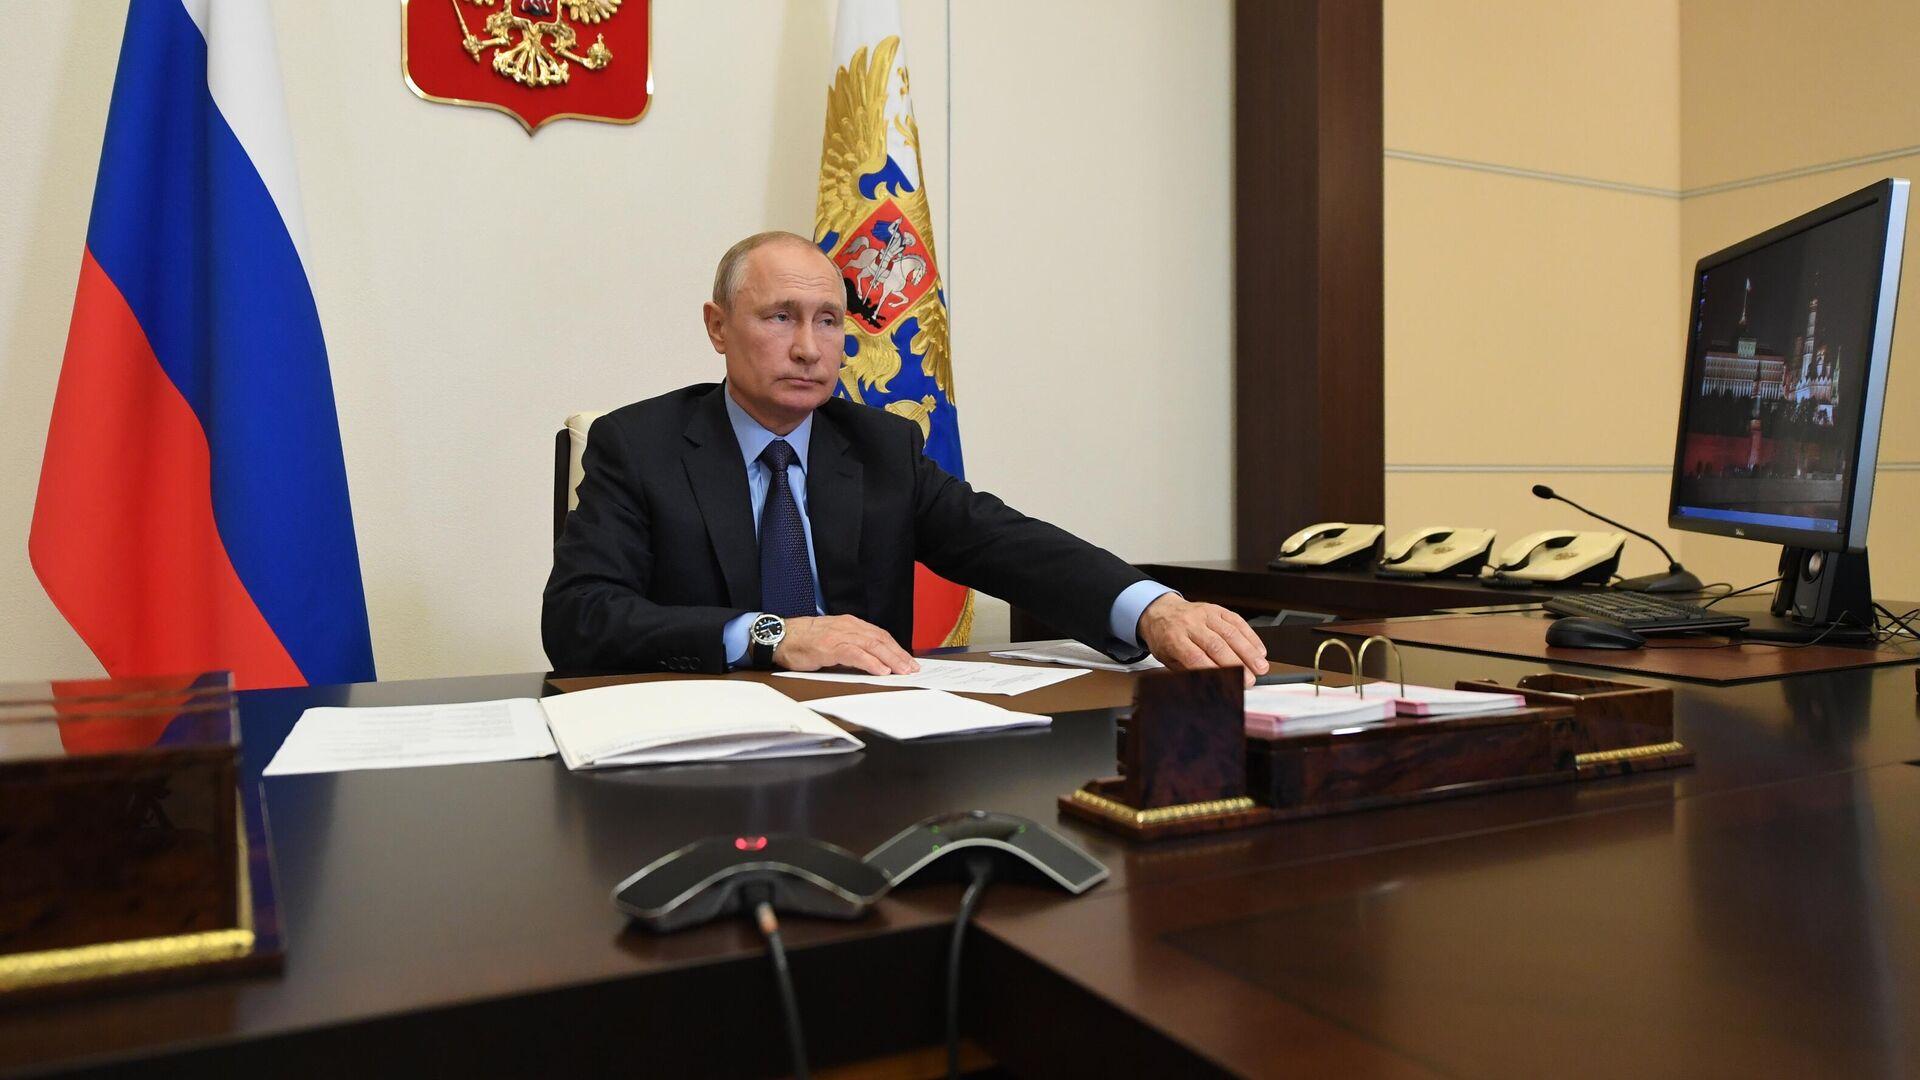 Президент РФ Владимир Путин во время совещания в режиме видеоконференции - РИА Новости, 1920, 20.09.2020